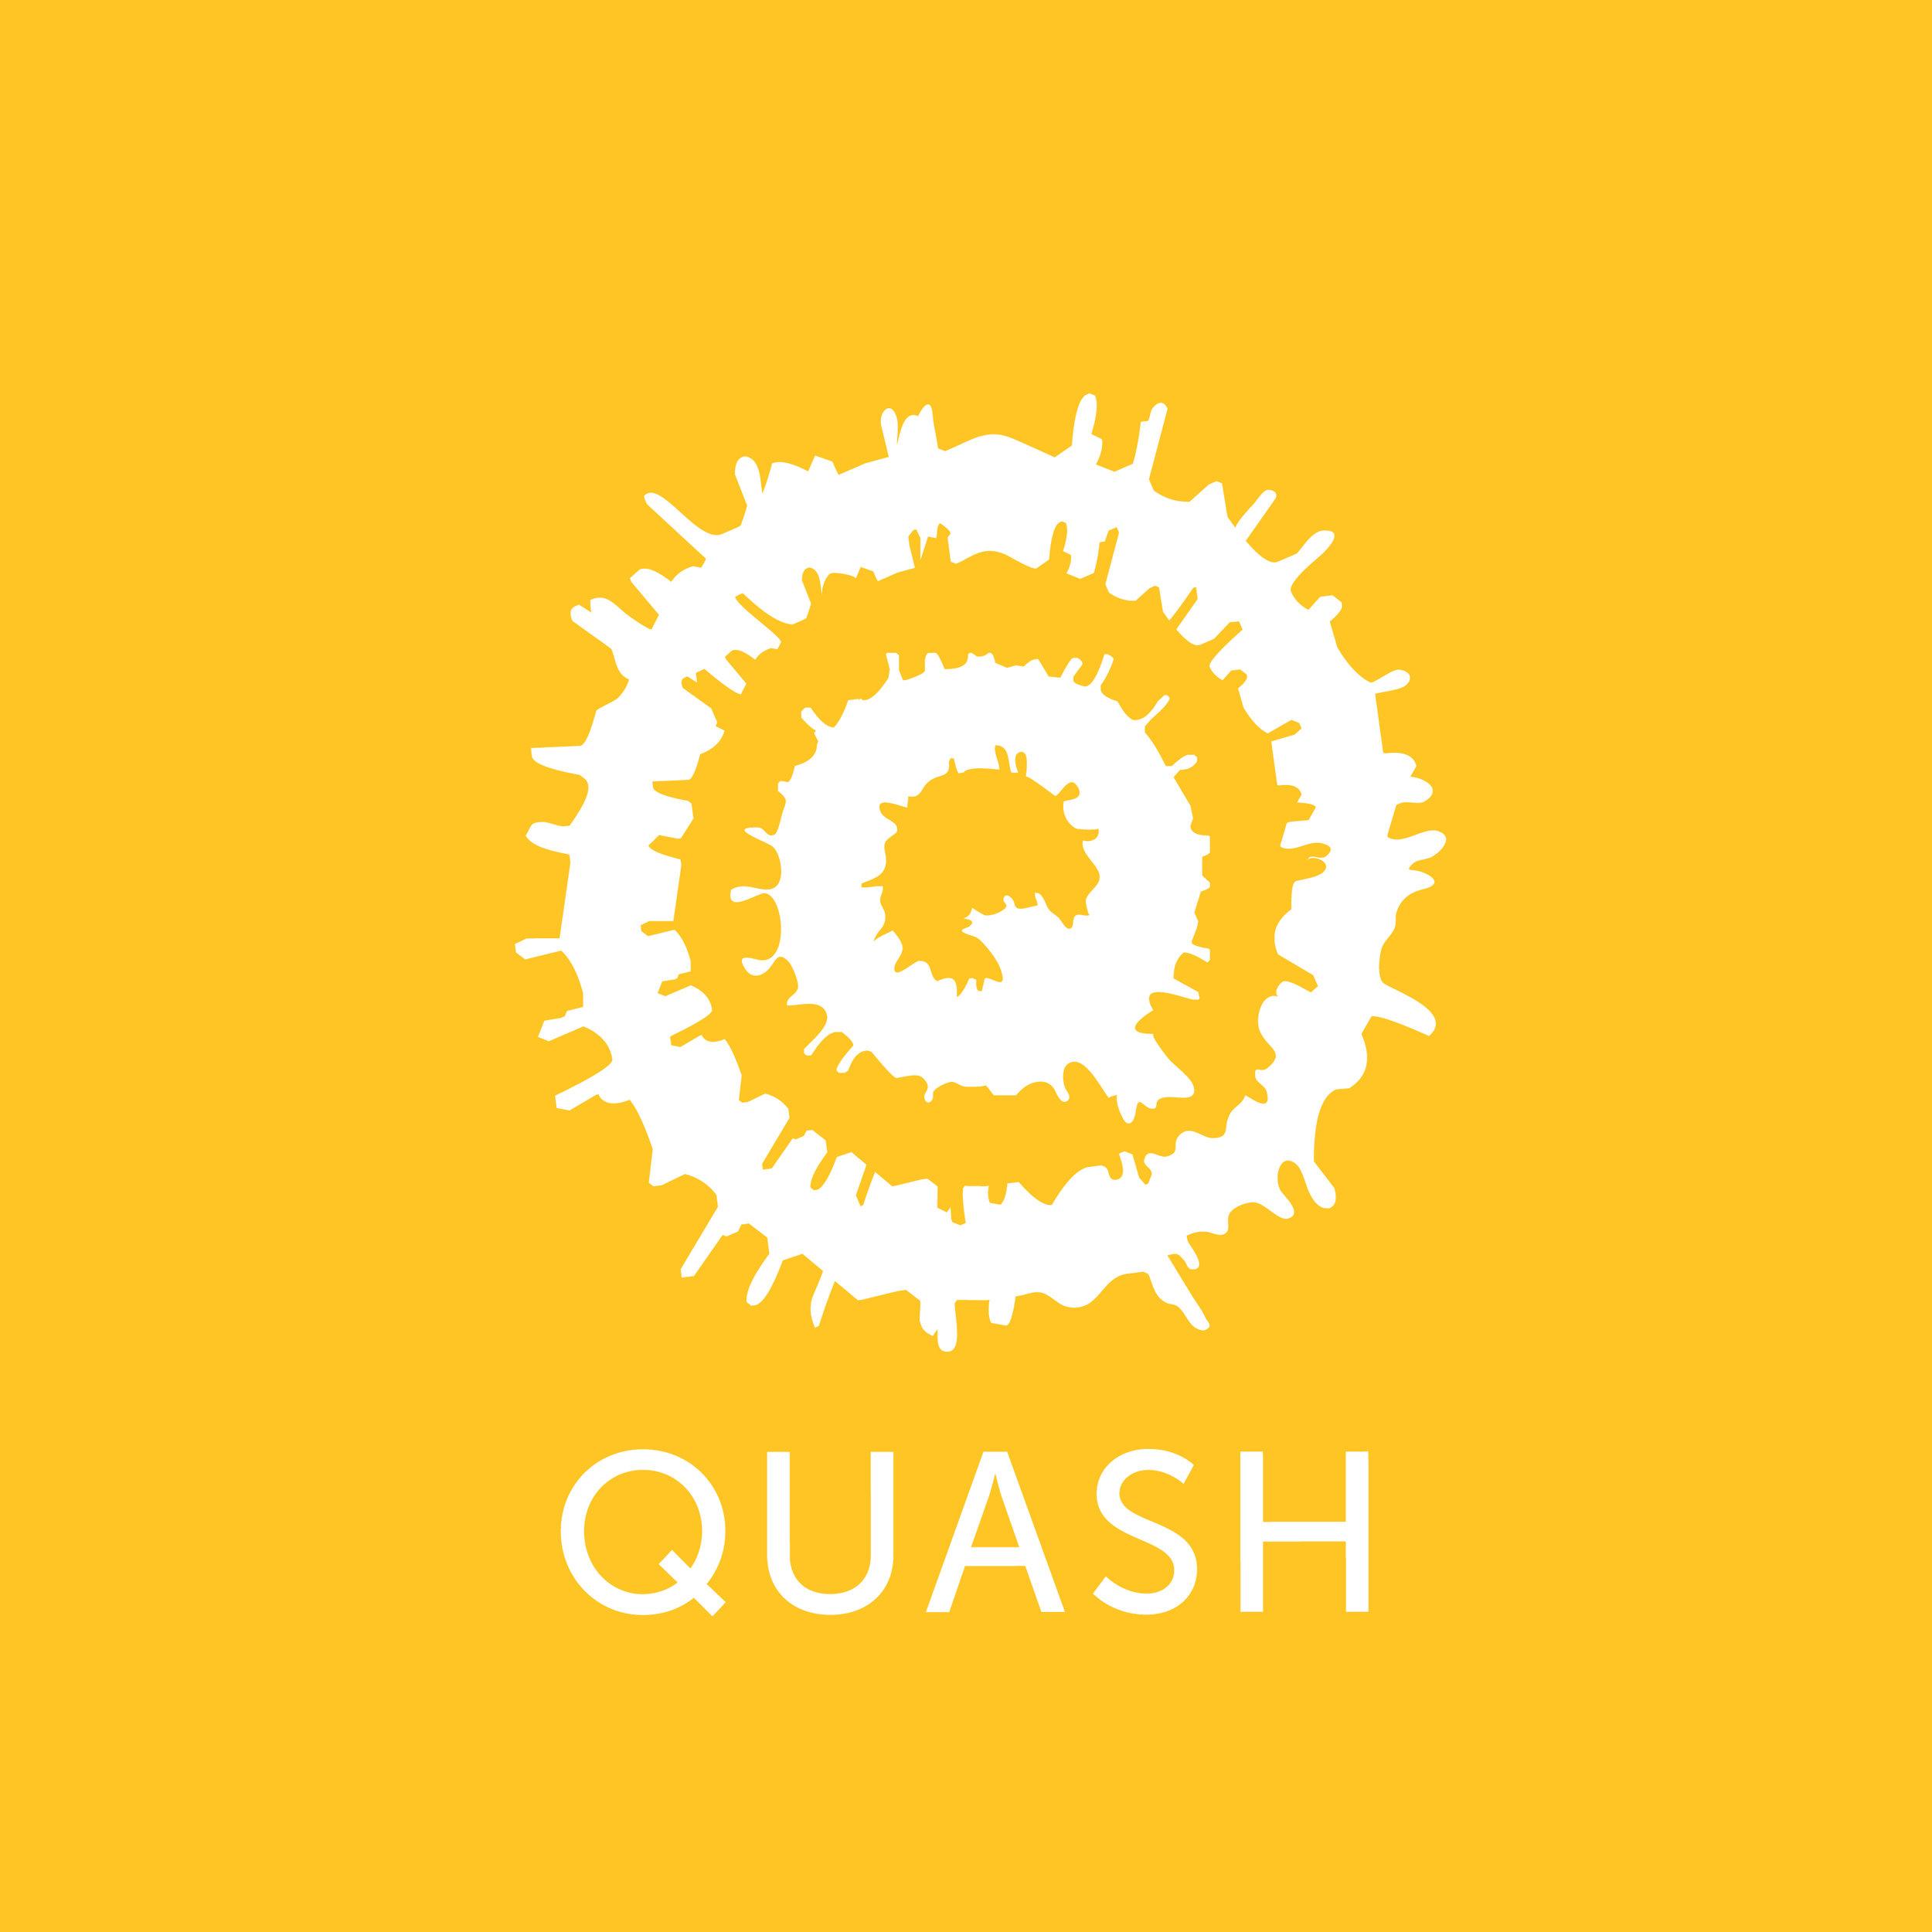 Quash2-100.jpg